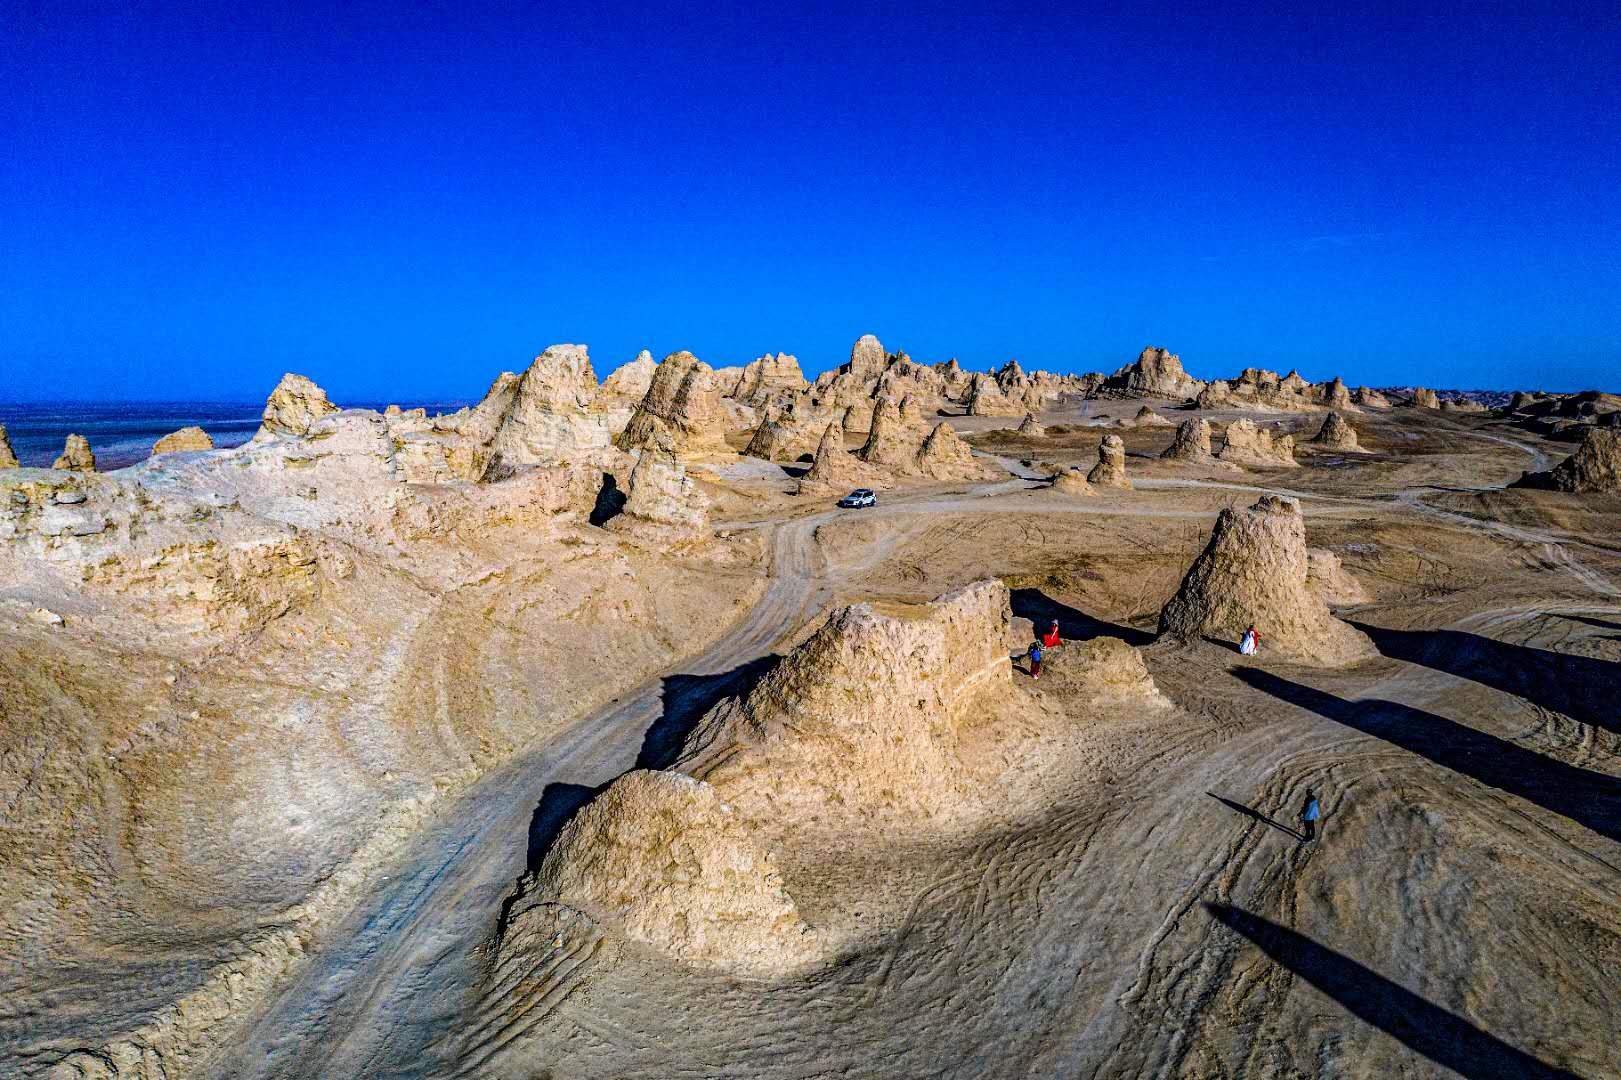 可可西里-茫崖翡翠湖-艾肯泉-俄博梁-水上雅丹6日摄影团